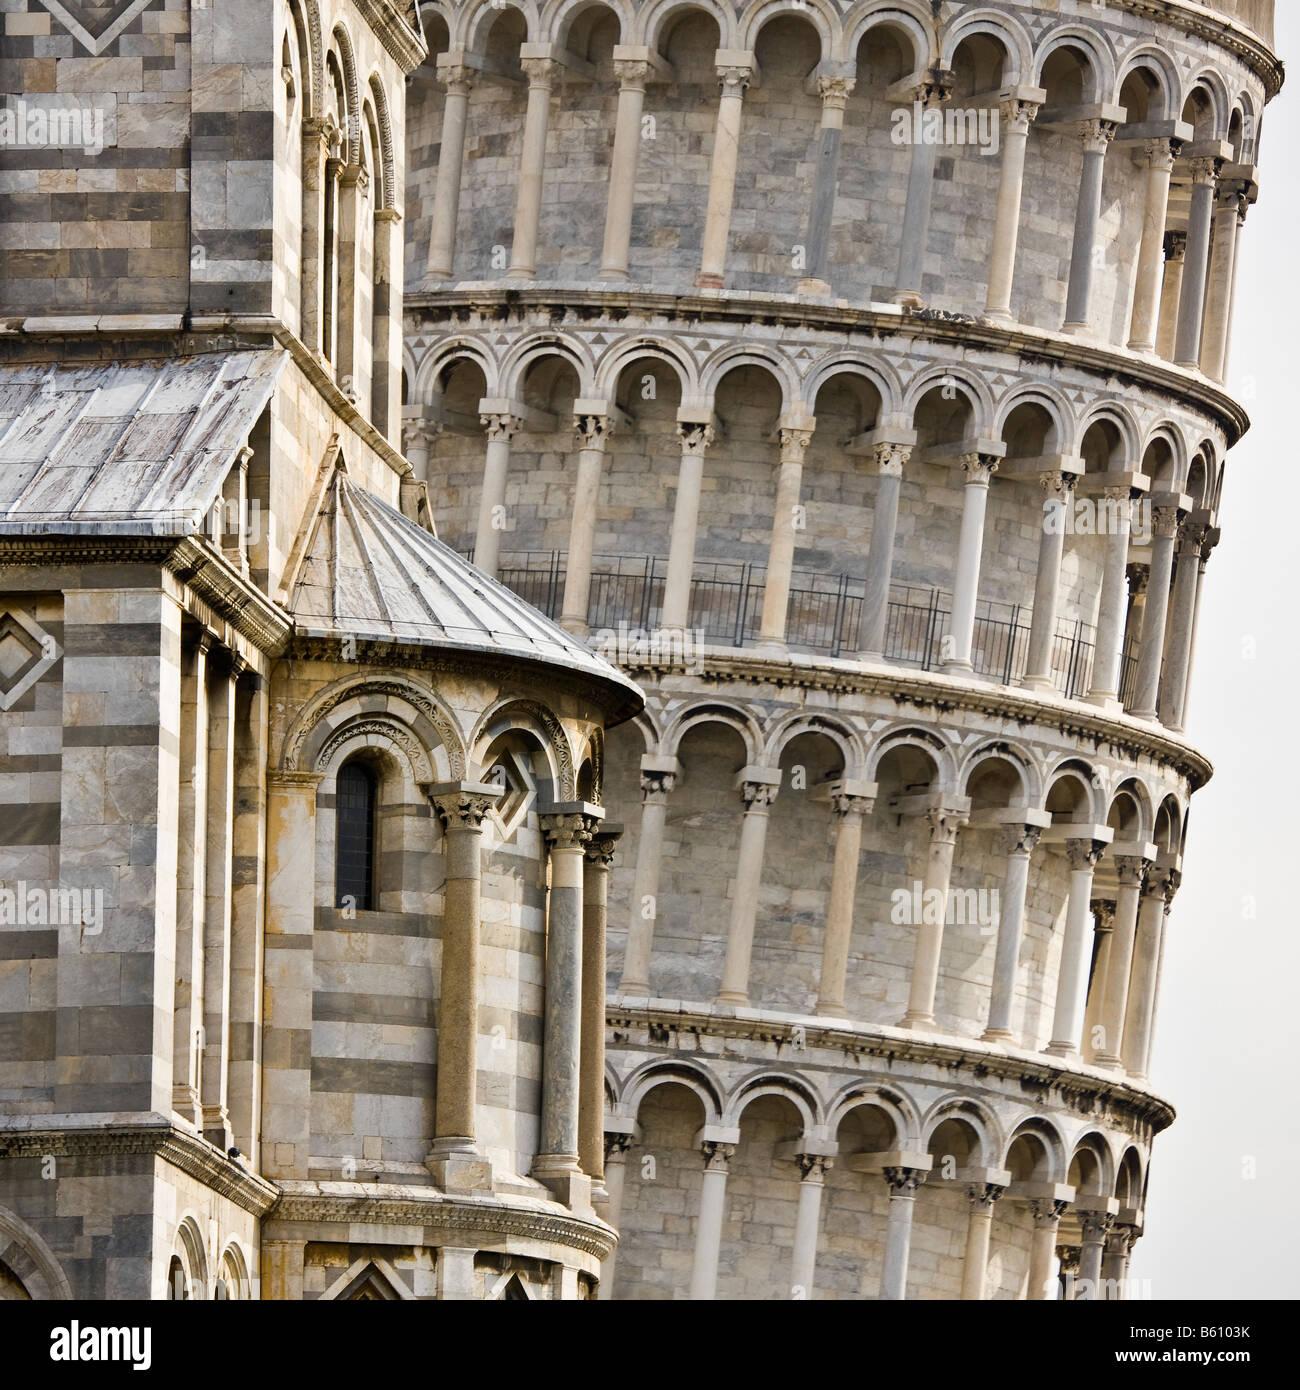 Eine Nahaufnahme der schiefe Turm von Pisa Hervorhebung der komplizierten Architektur und Design, Pisa, Italien Stockbild